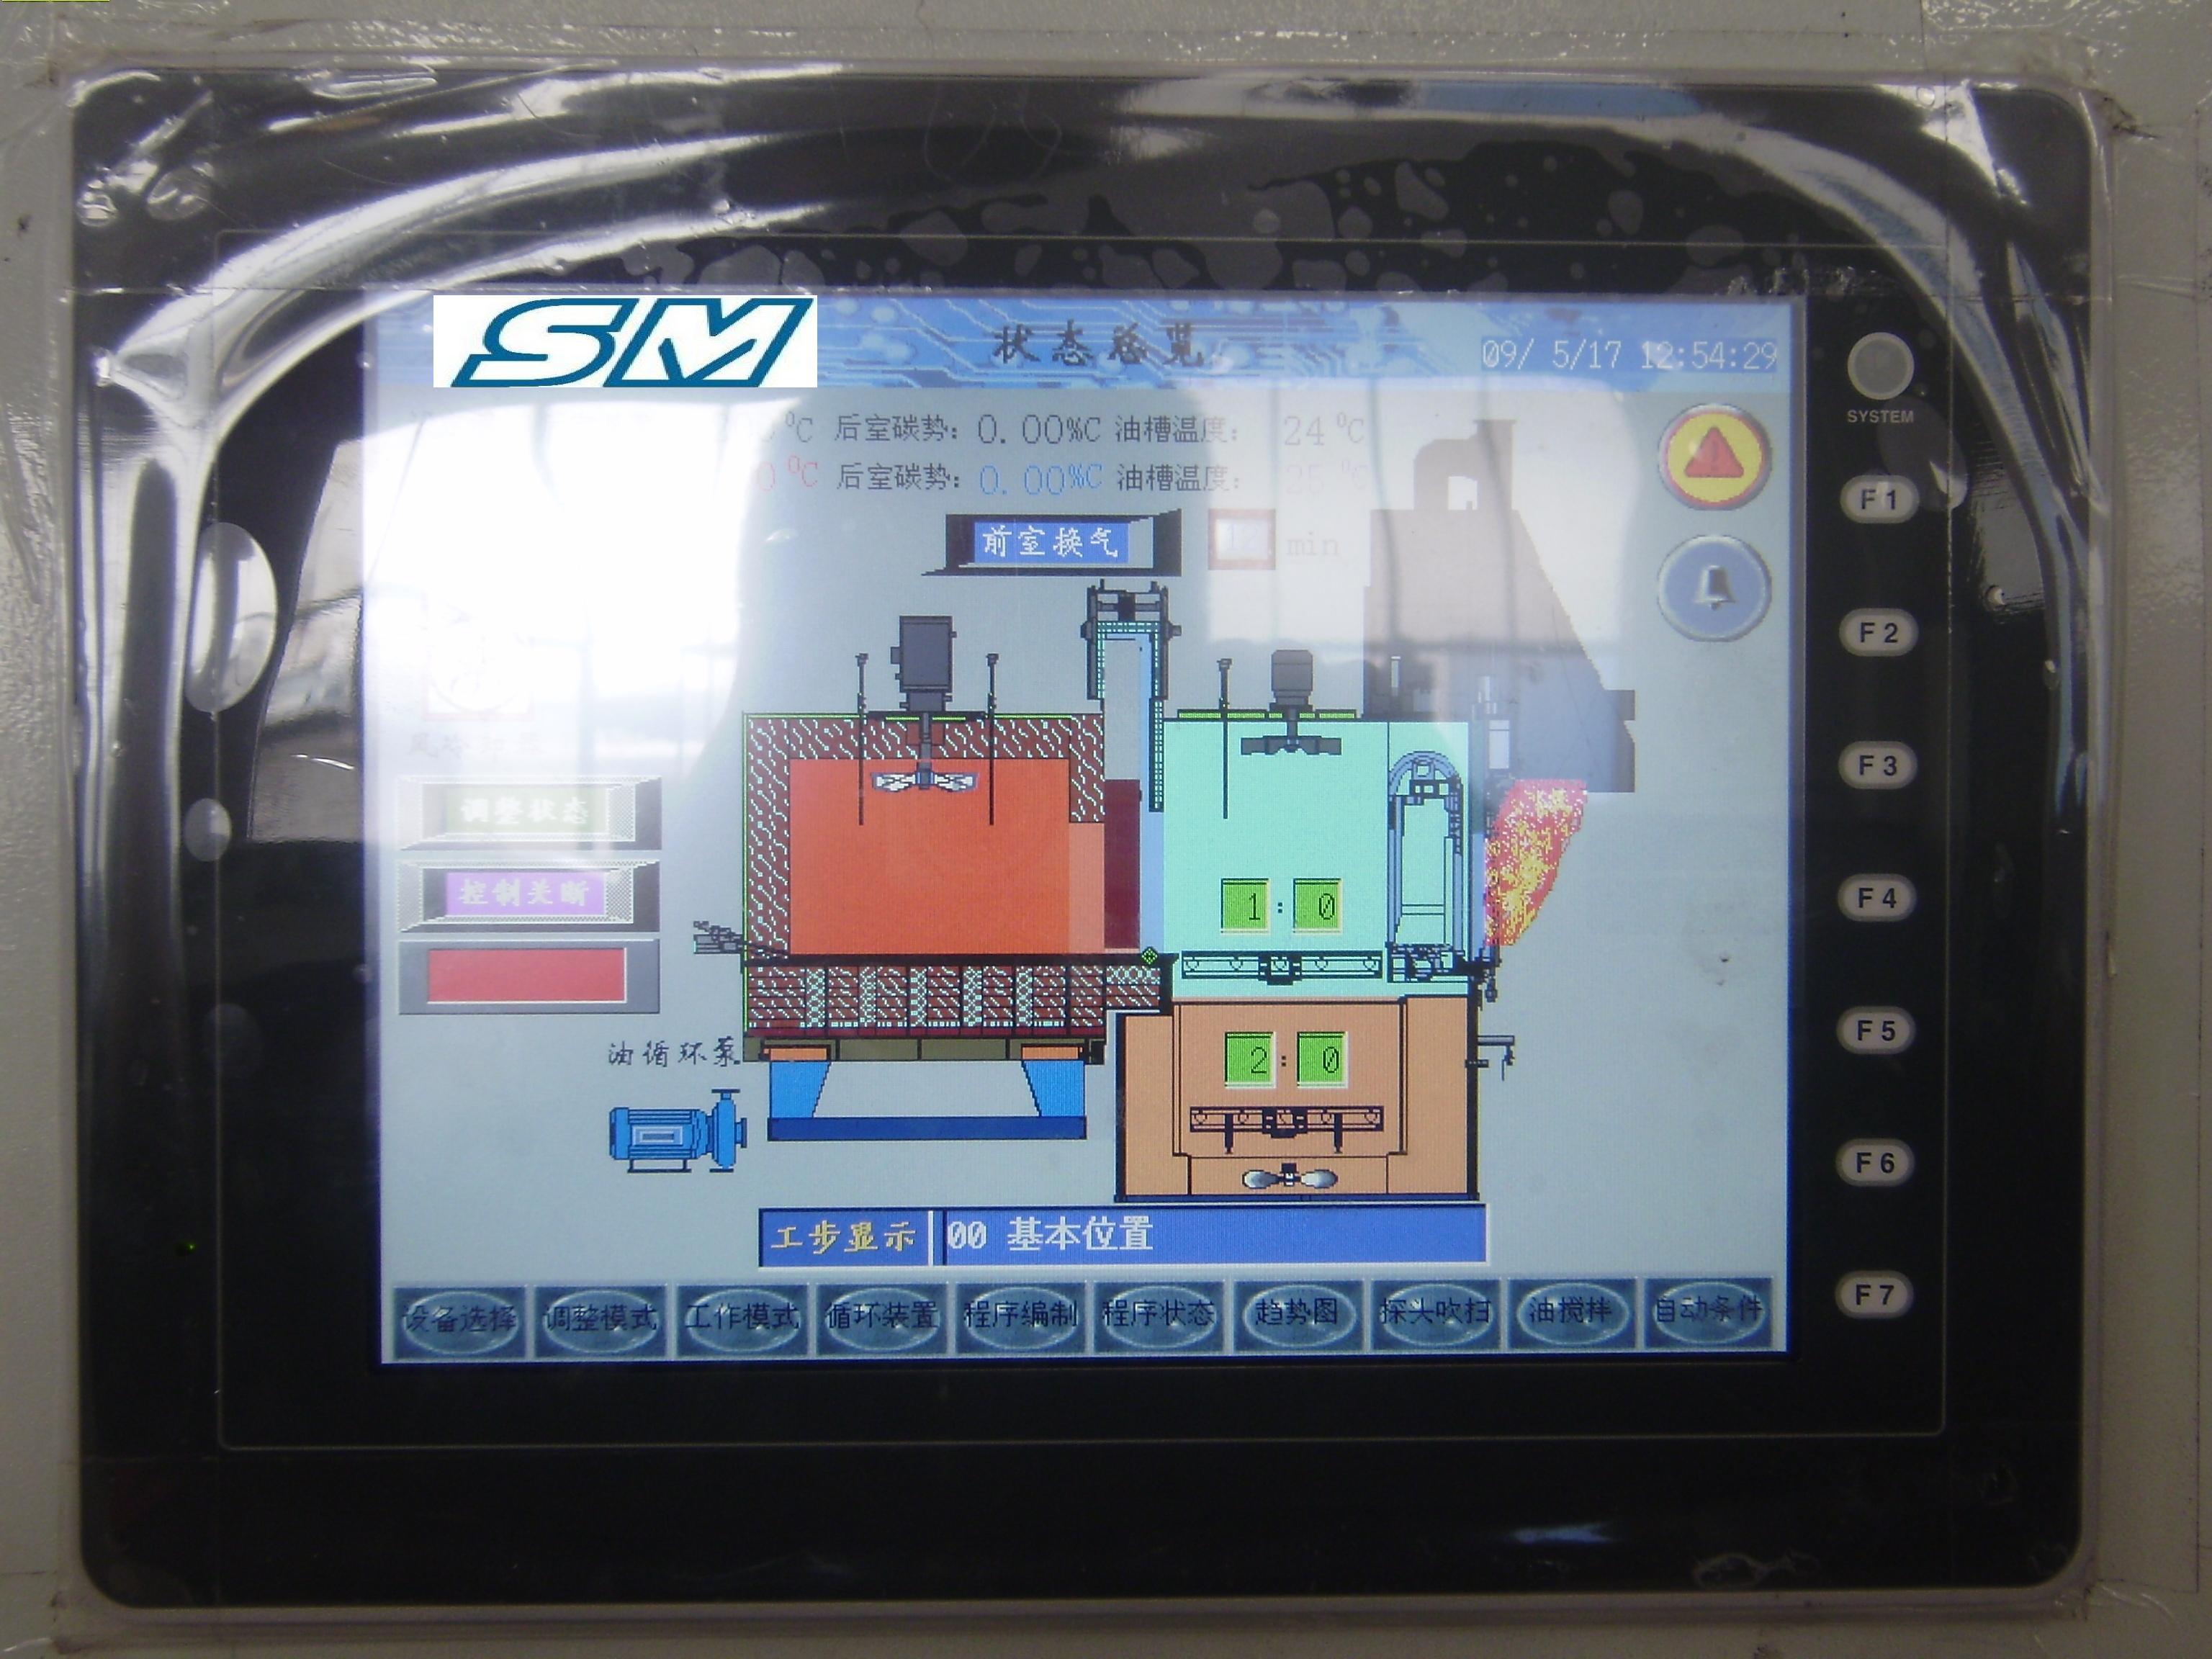 올케이스 열처리로 제어모니터 3.JPG